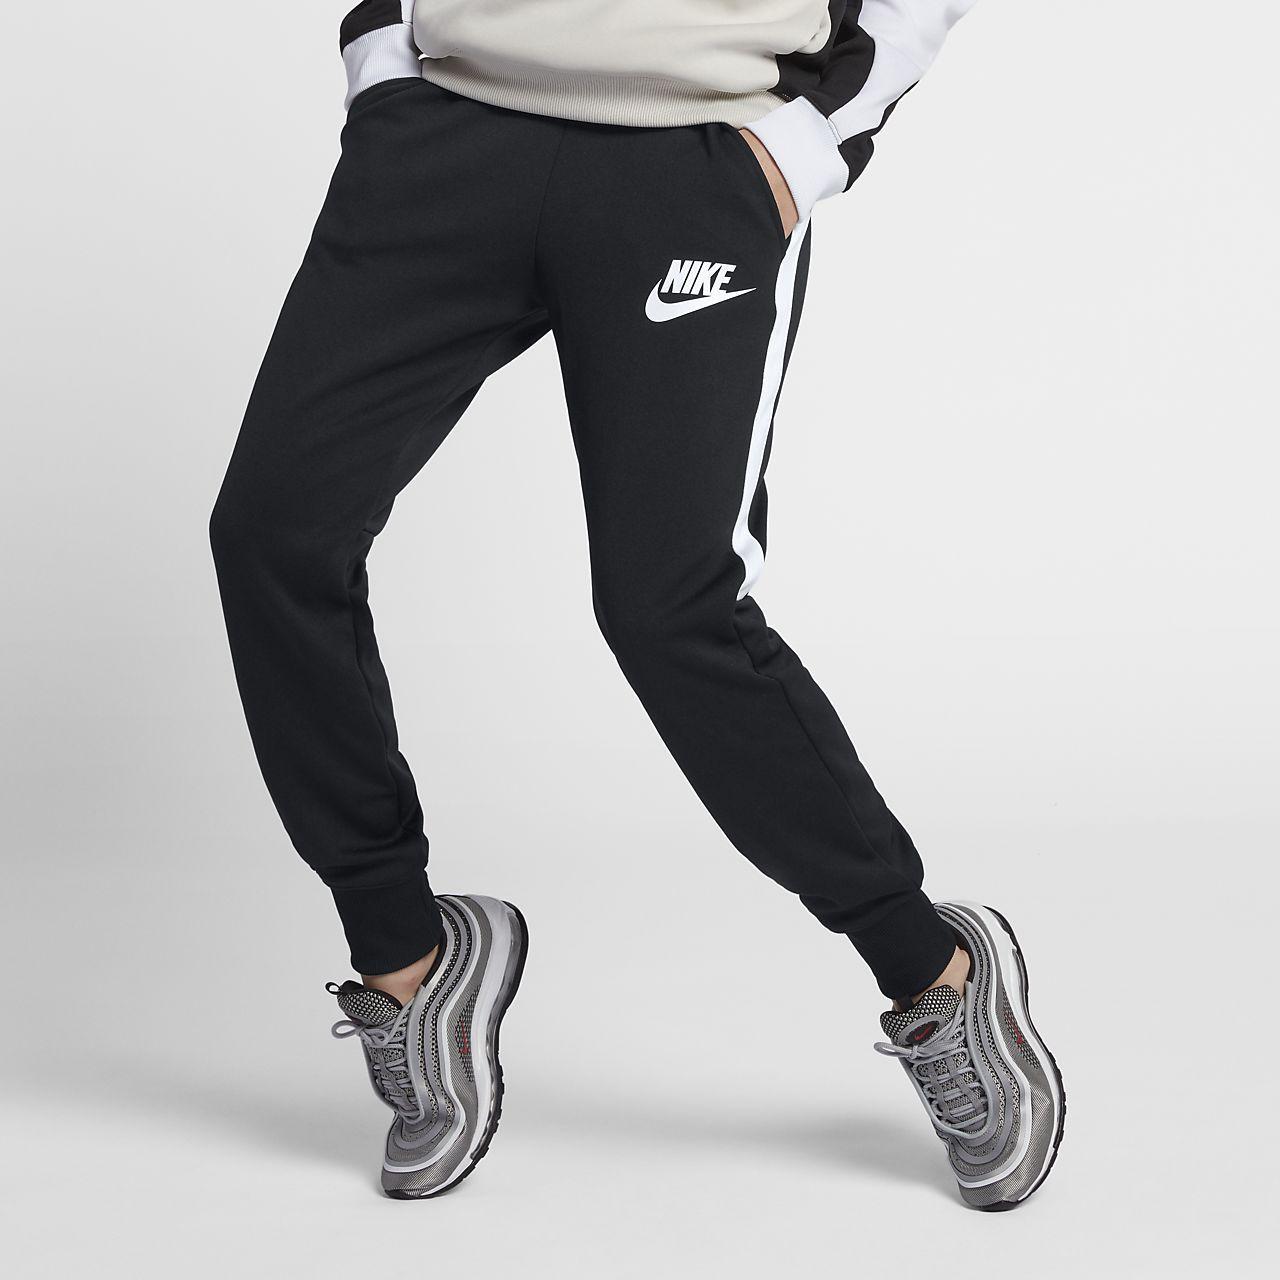 Font Sportswear Ecran Femme Jogging Nike Pinterest Tenues Pour gZxngFYUv